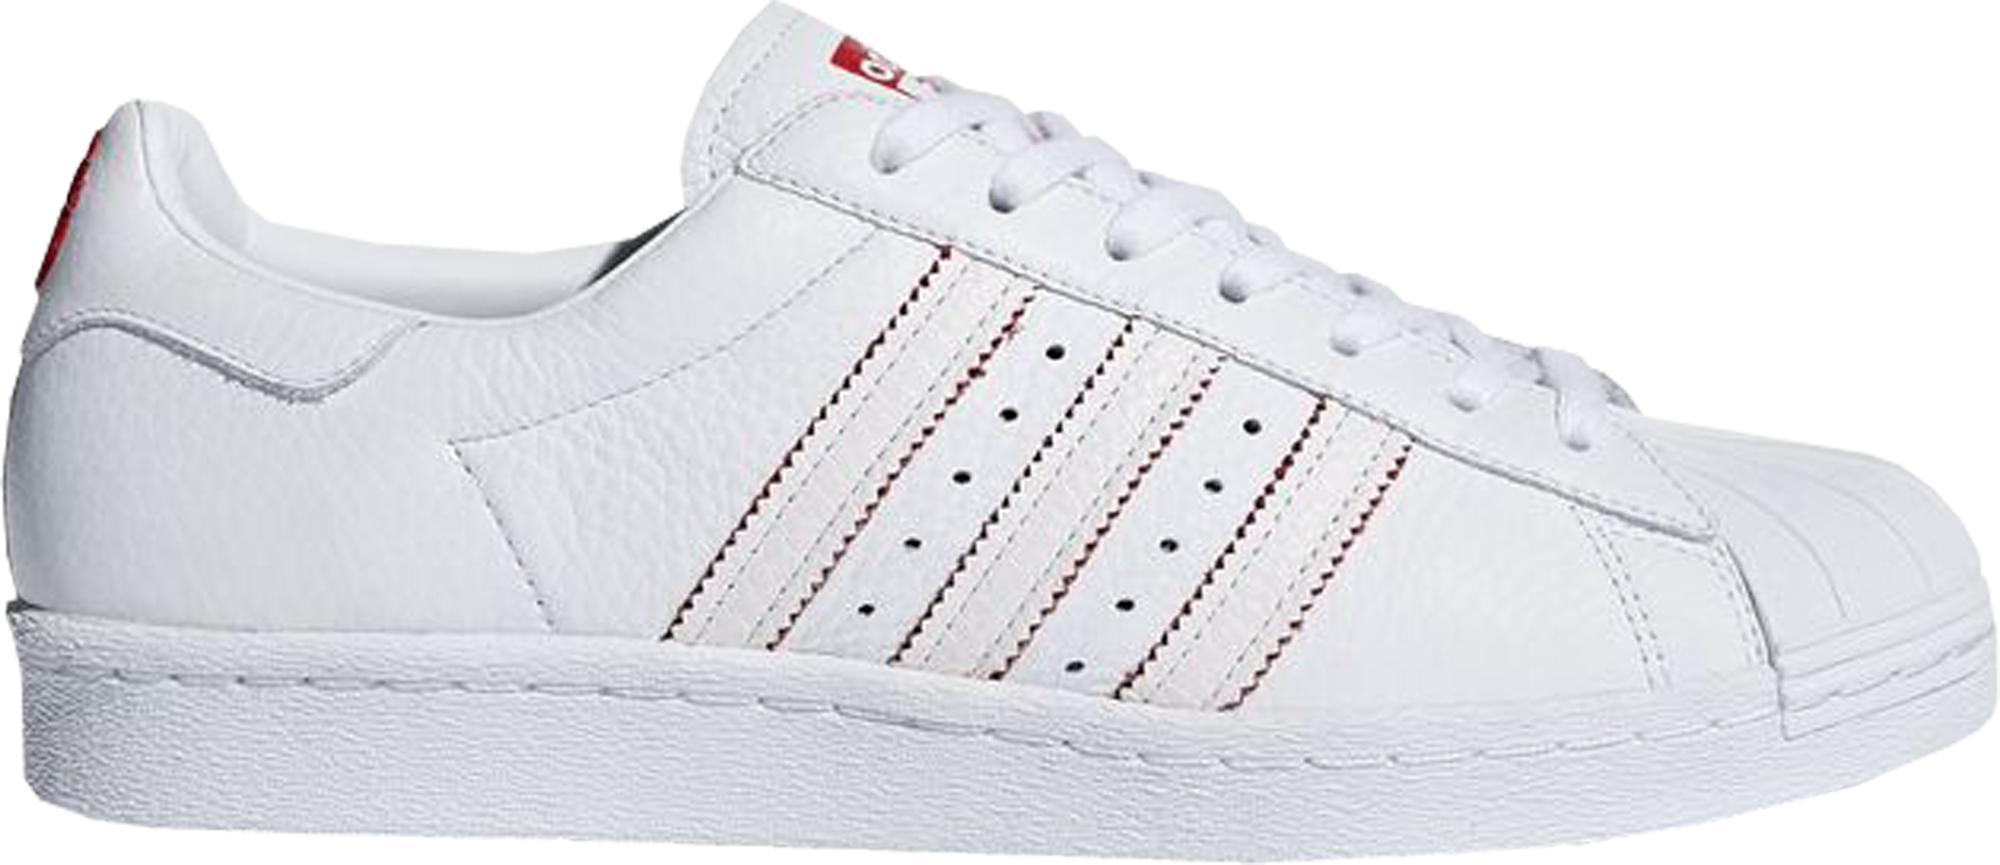 Adidas Superstar 80 el año nuevo chino (2018) db2569